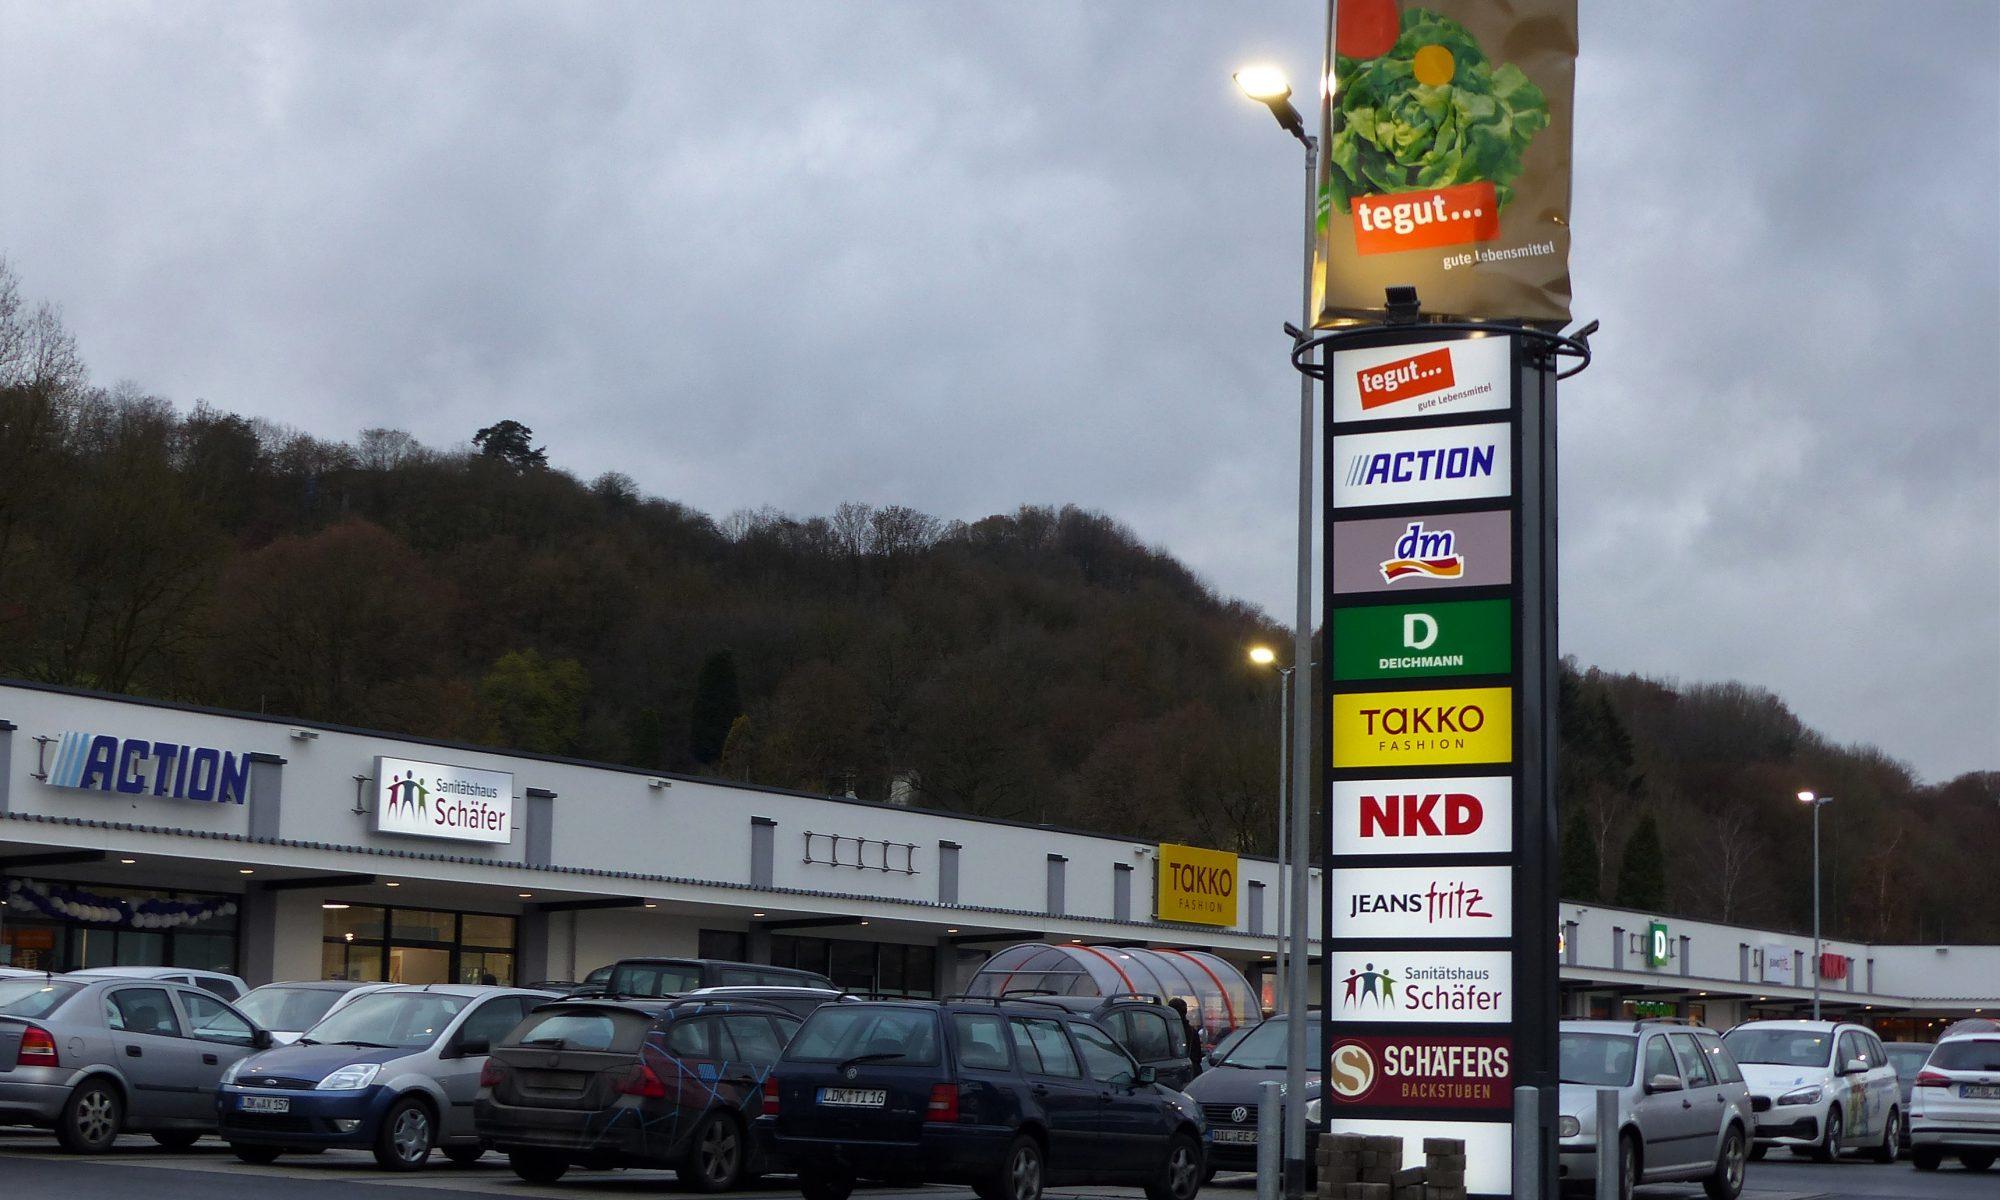 Ein Bild vom Parkplatz des Fachmarktzentrums mit einigen der Geschäften und der Werbestehle